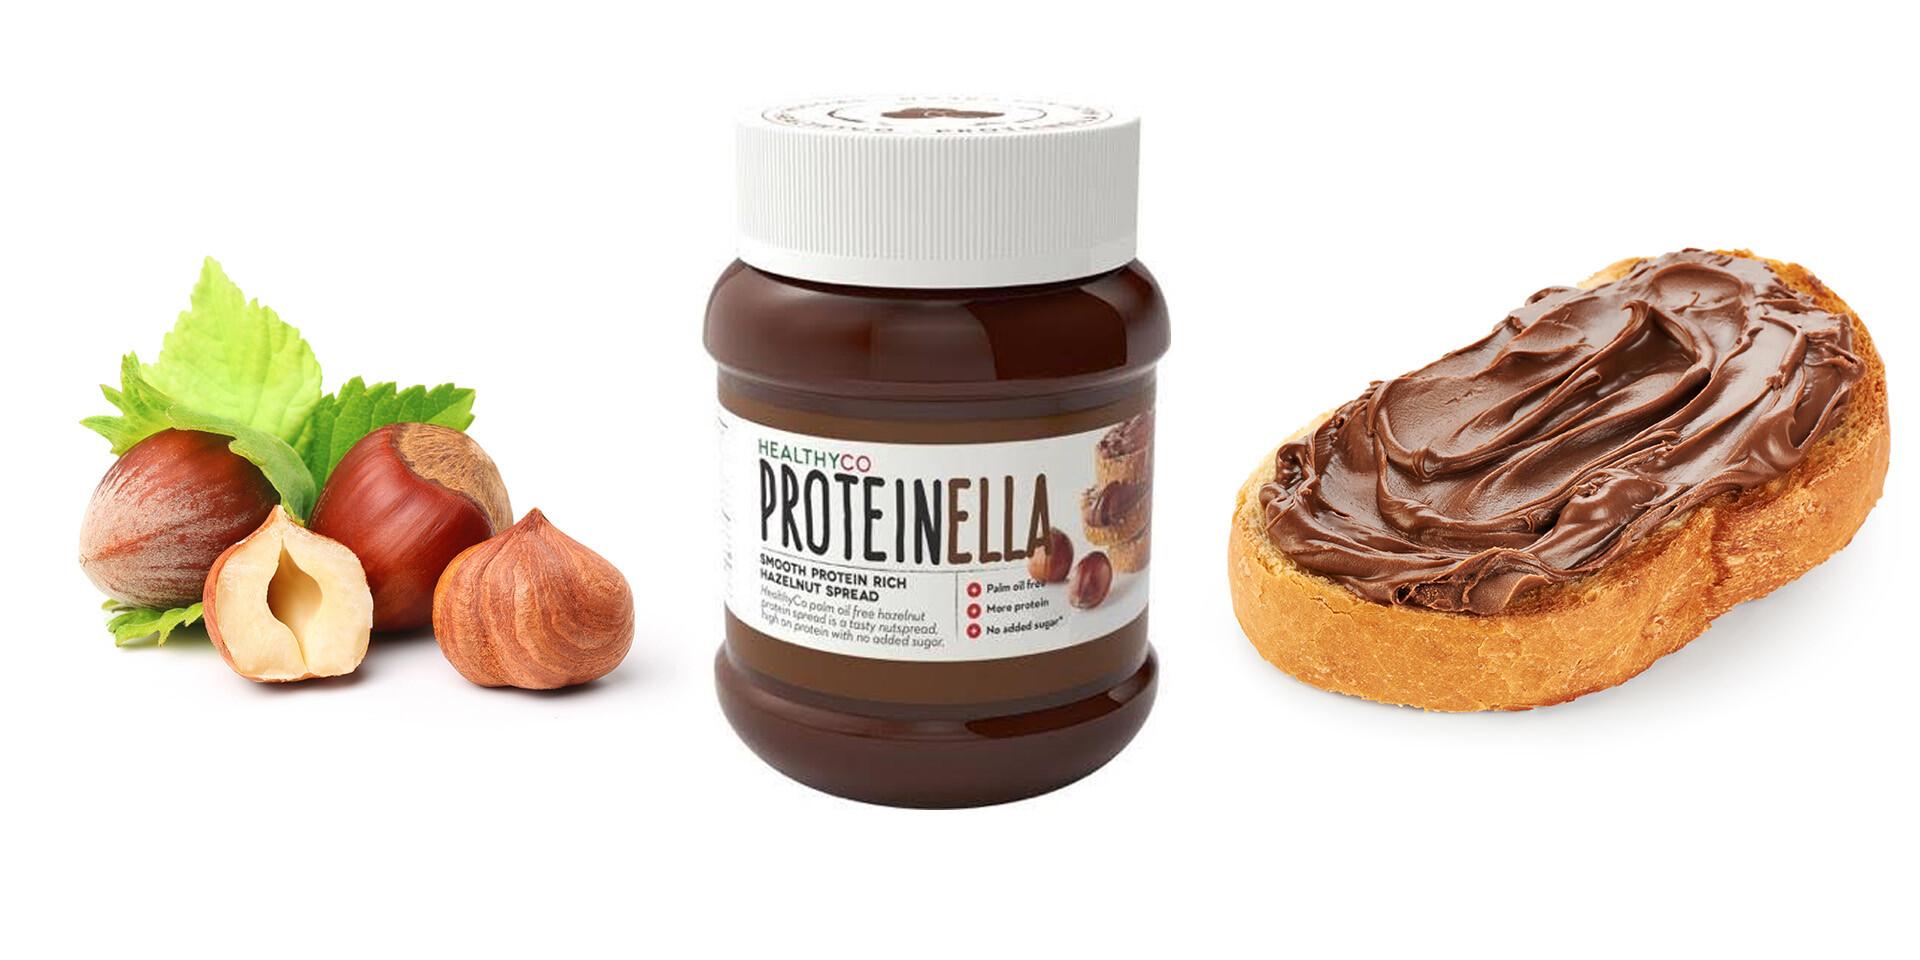 Proteínová verzia orieškovo-čokoládovej nátierky - Proteinella s prospešnými živinami a nie len prázdnymi kalóriami